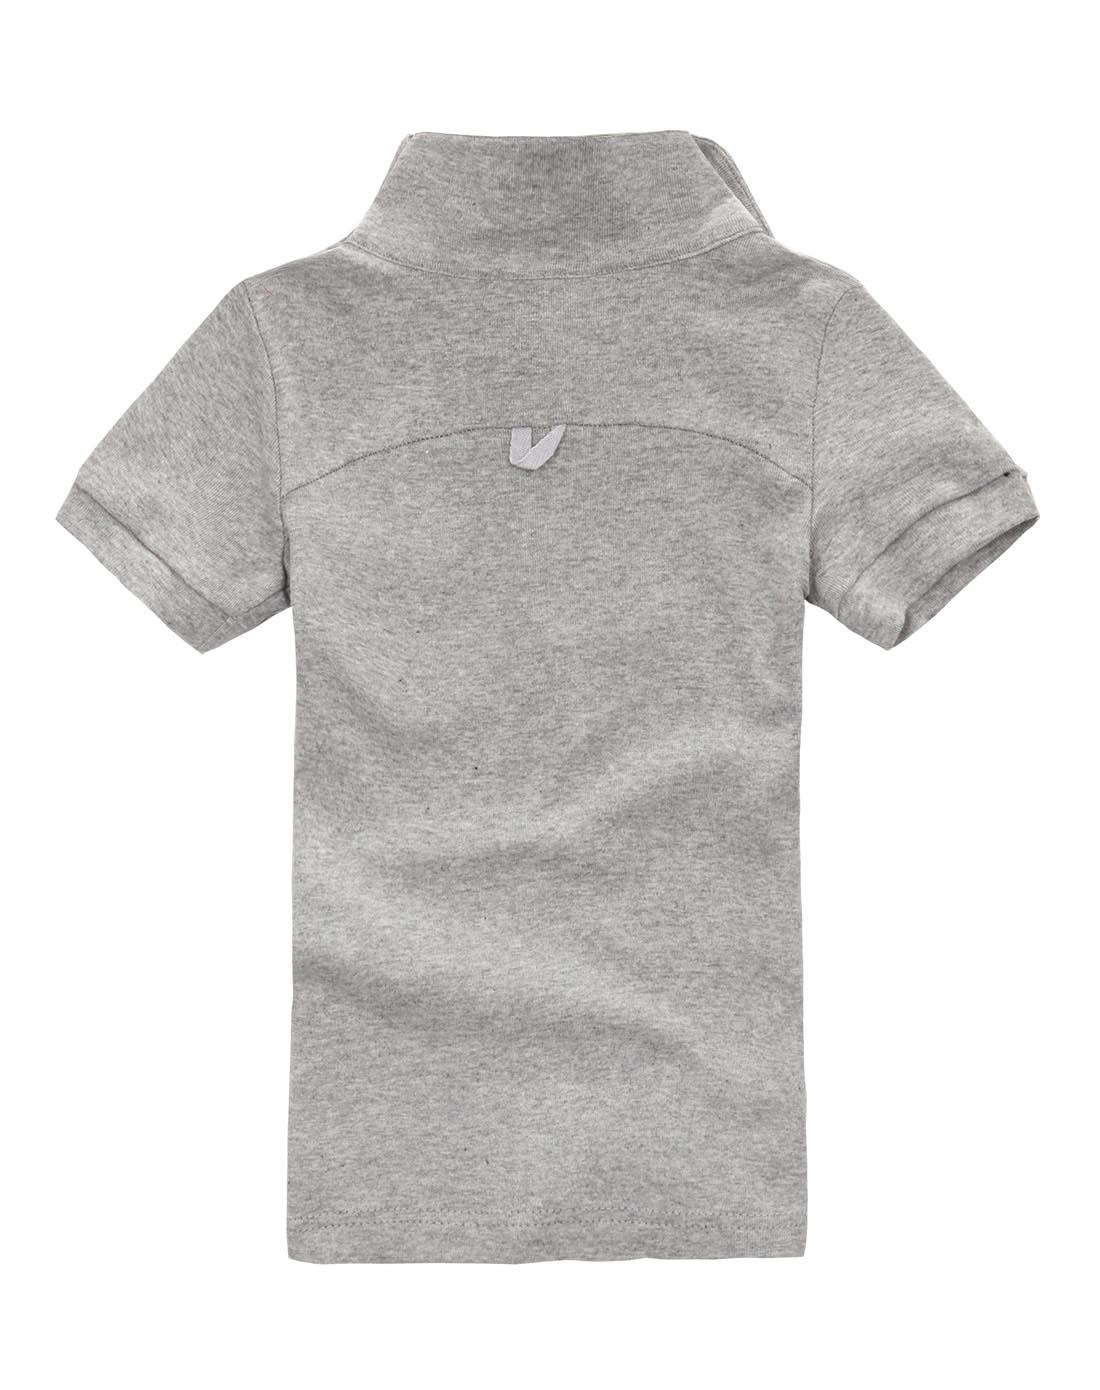 t恤设计图正反